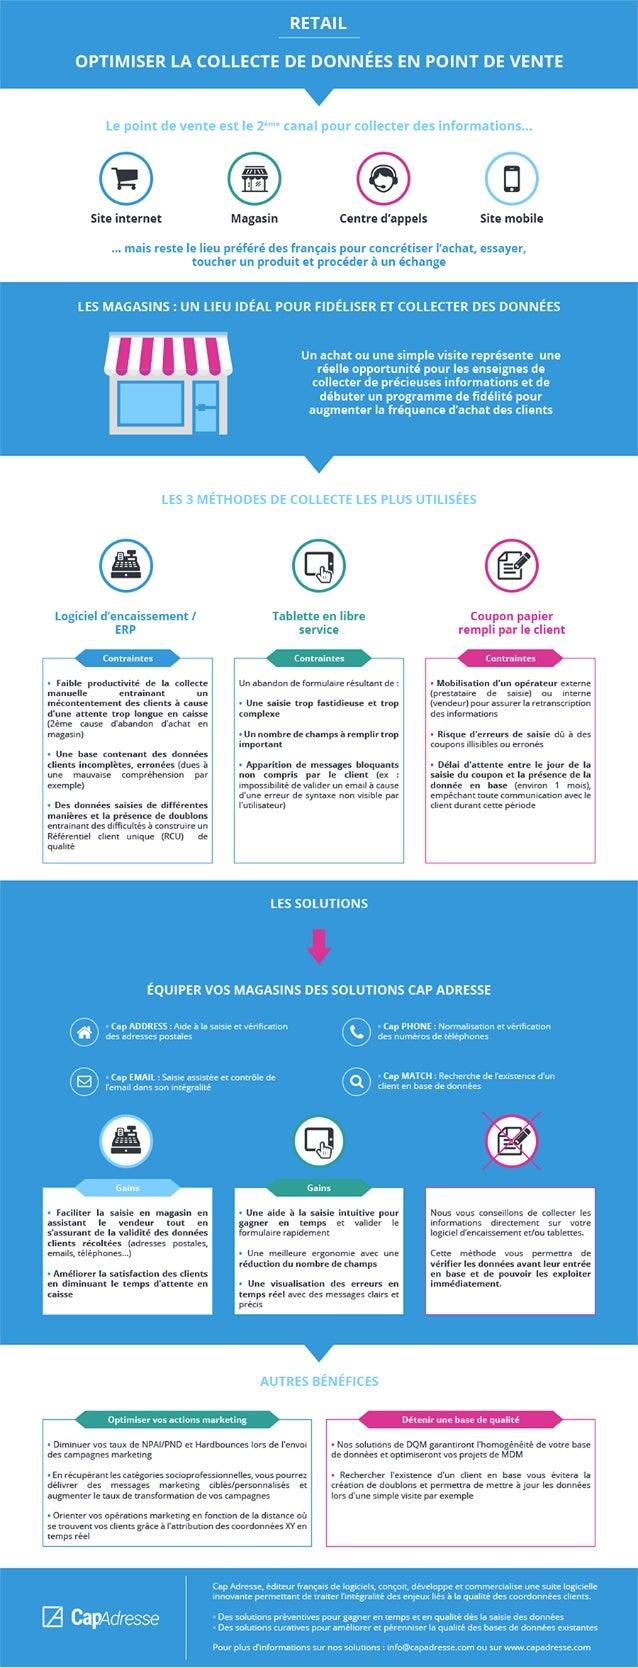 Infographie : Optimiser la collecte de données en point de vente